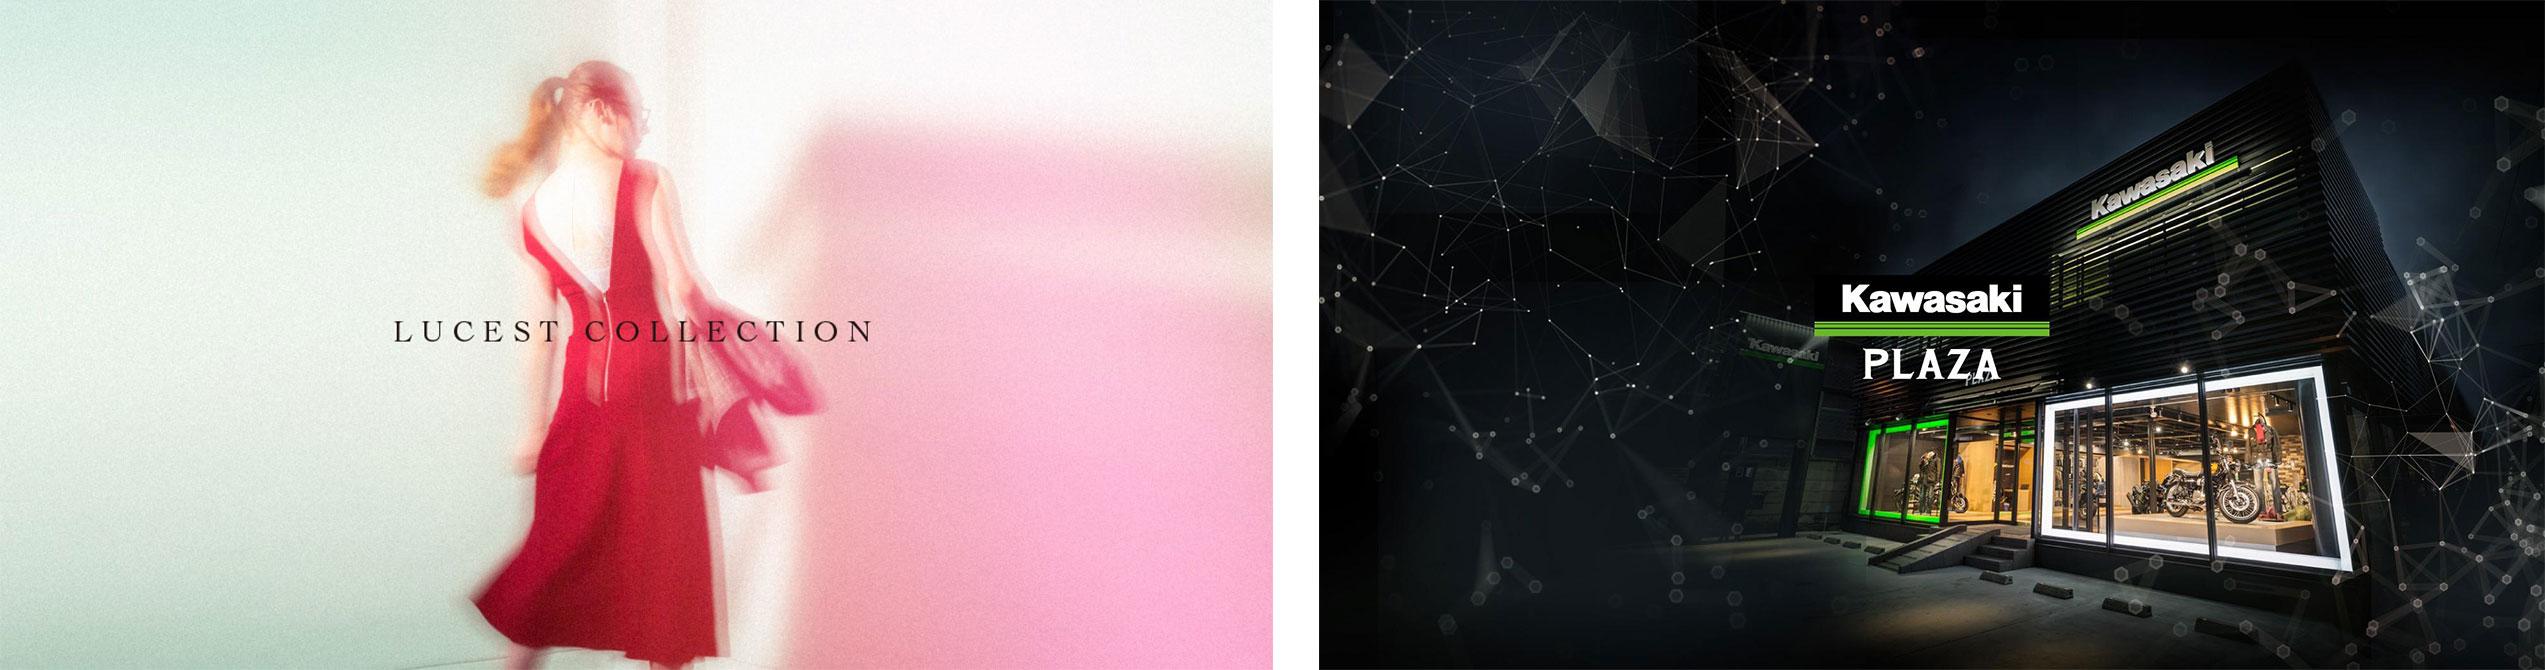 (左)ワコール新ライン「Lucest」(画像左)の立ち上げのクリエイティブ (右)カワサキモータースの販促物、広報サポートなどを手がける